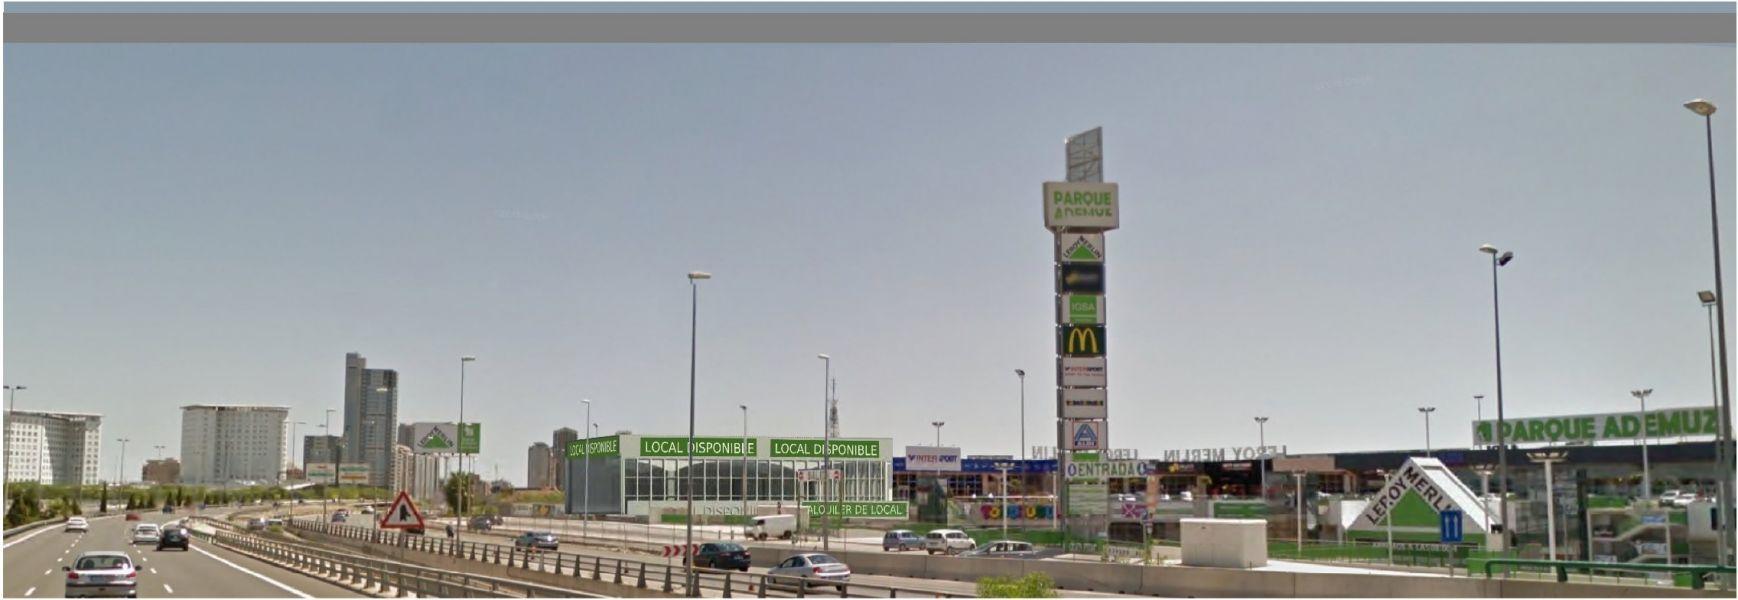 Nuevo Local en construcción  en el Centro Comercial Parque Ademuz 3